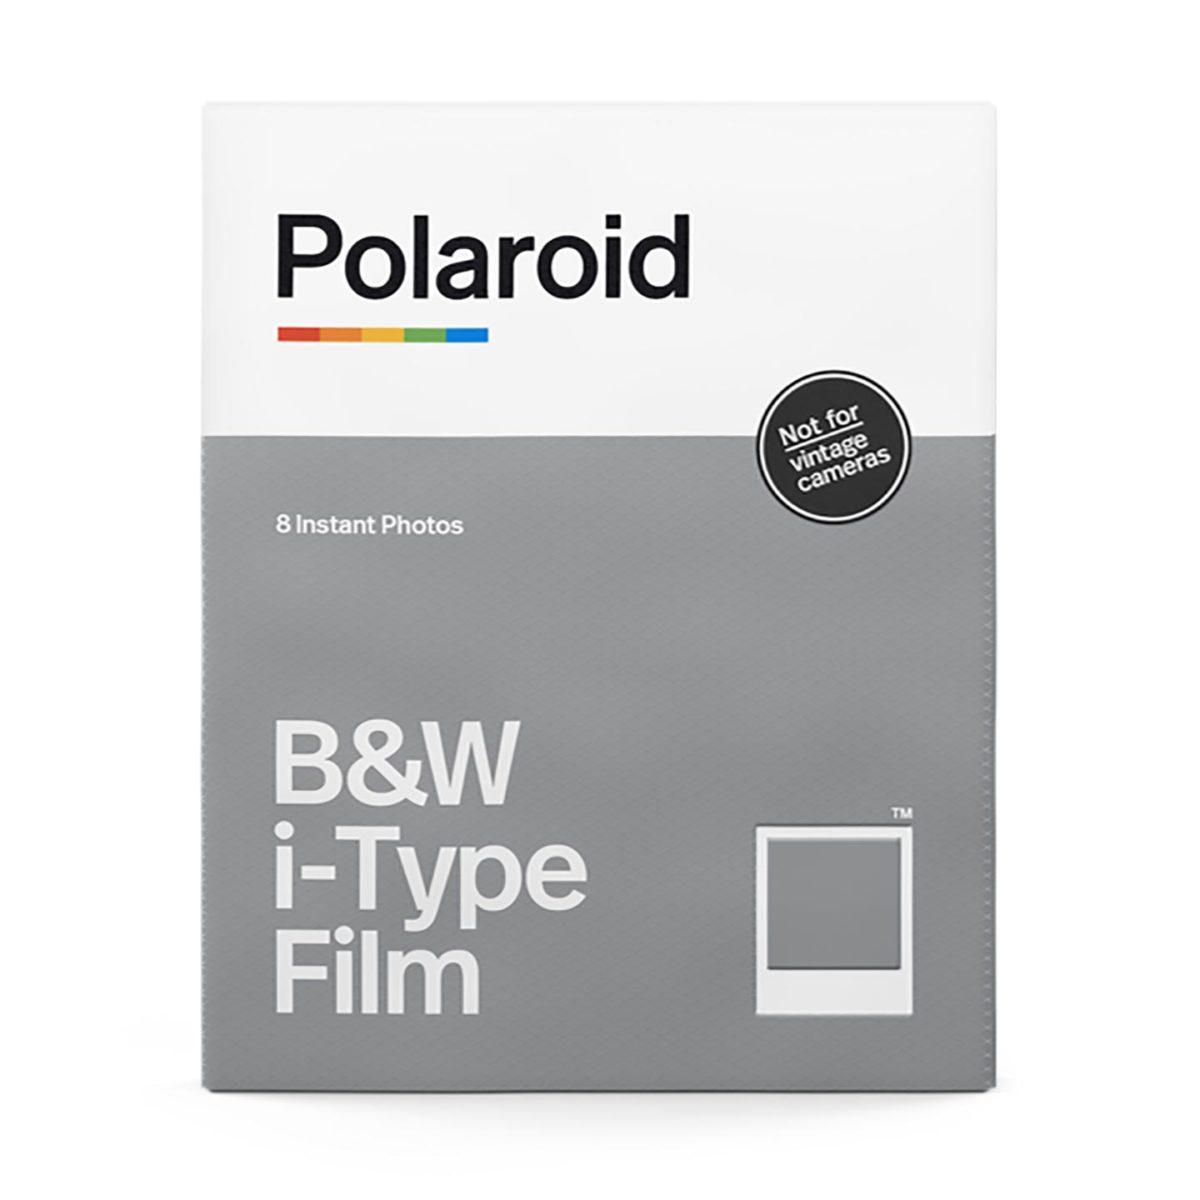 polaroid_i_type_bw_film_02